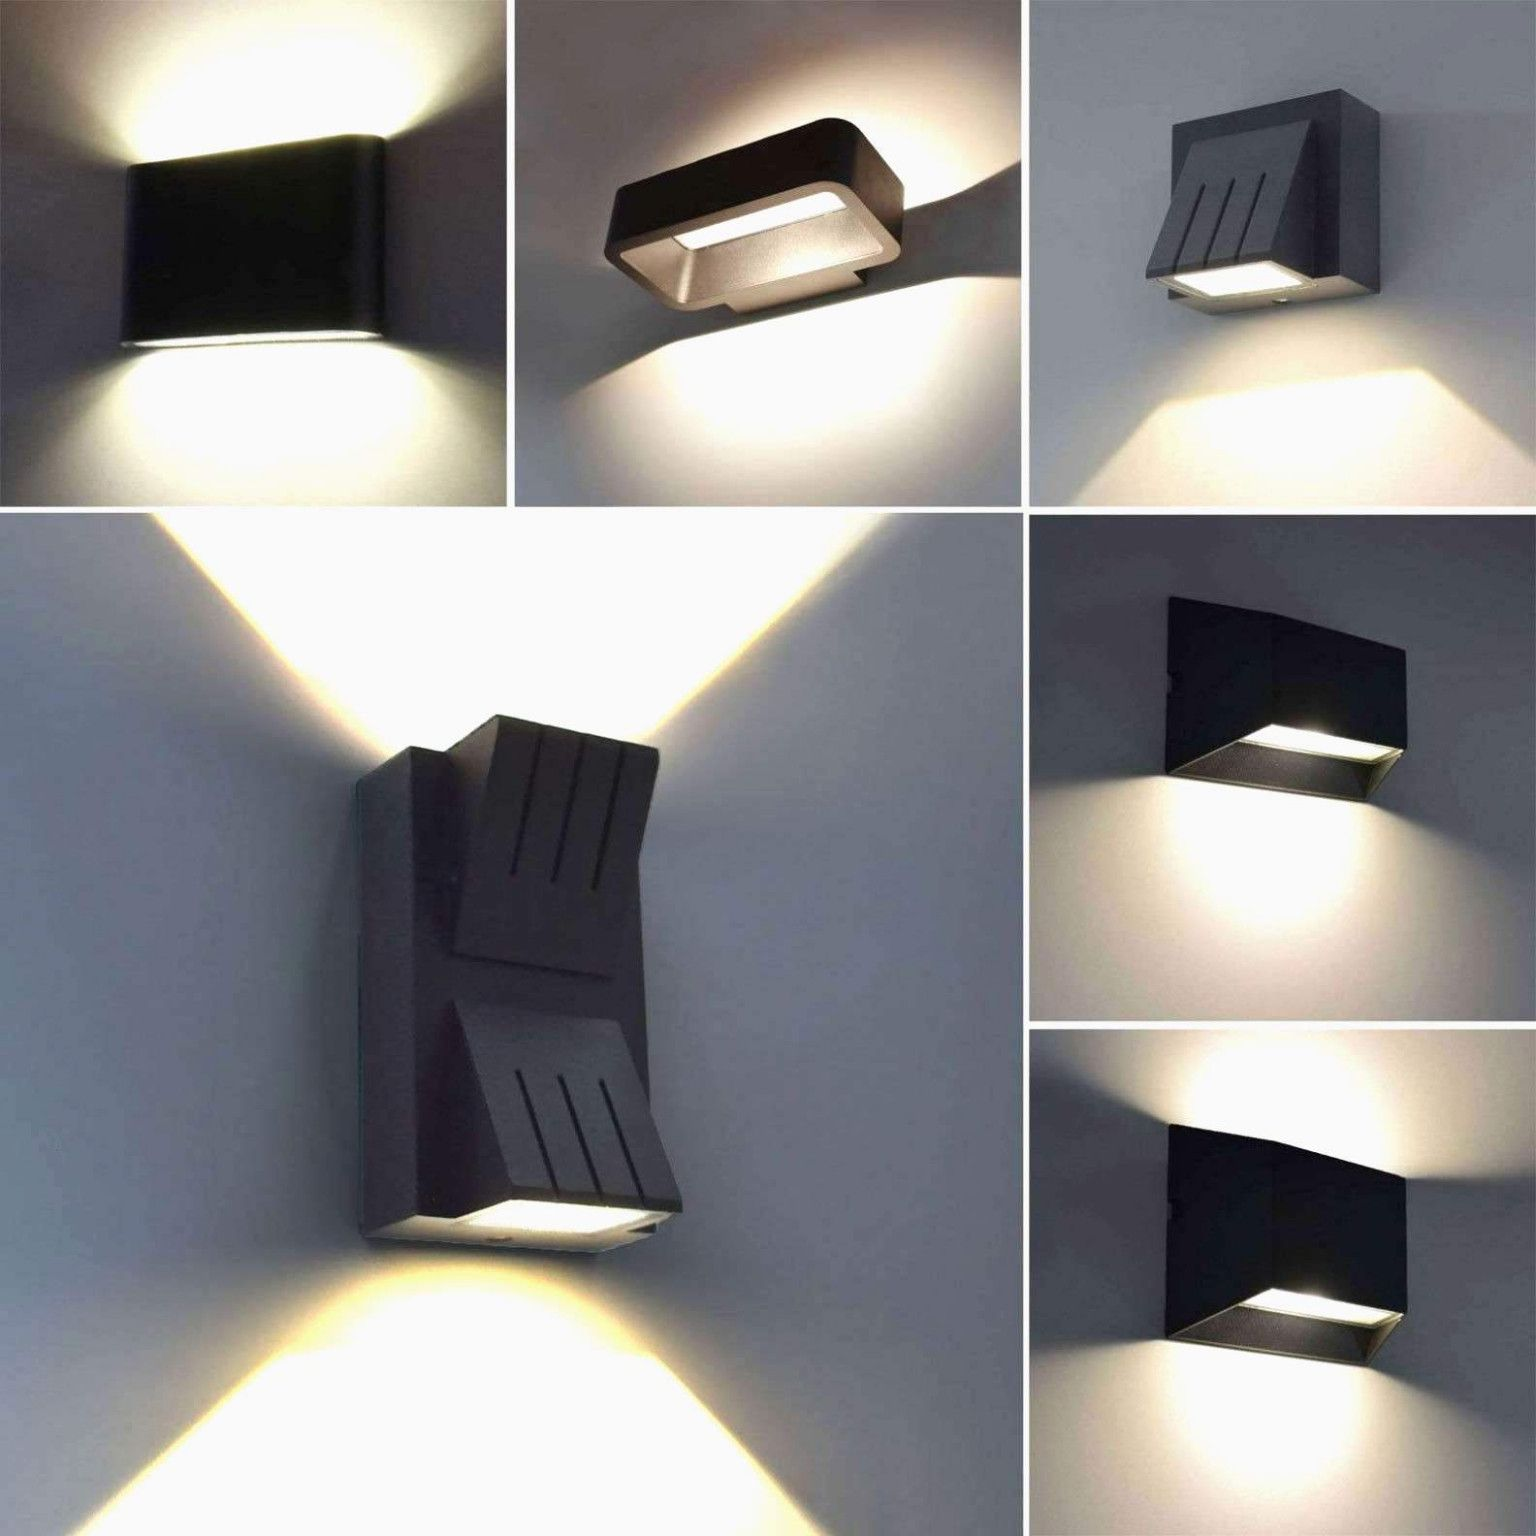 3 Wohnzimmer Lampe Wand in 3  Außenlampe, Indirekte